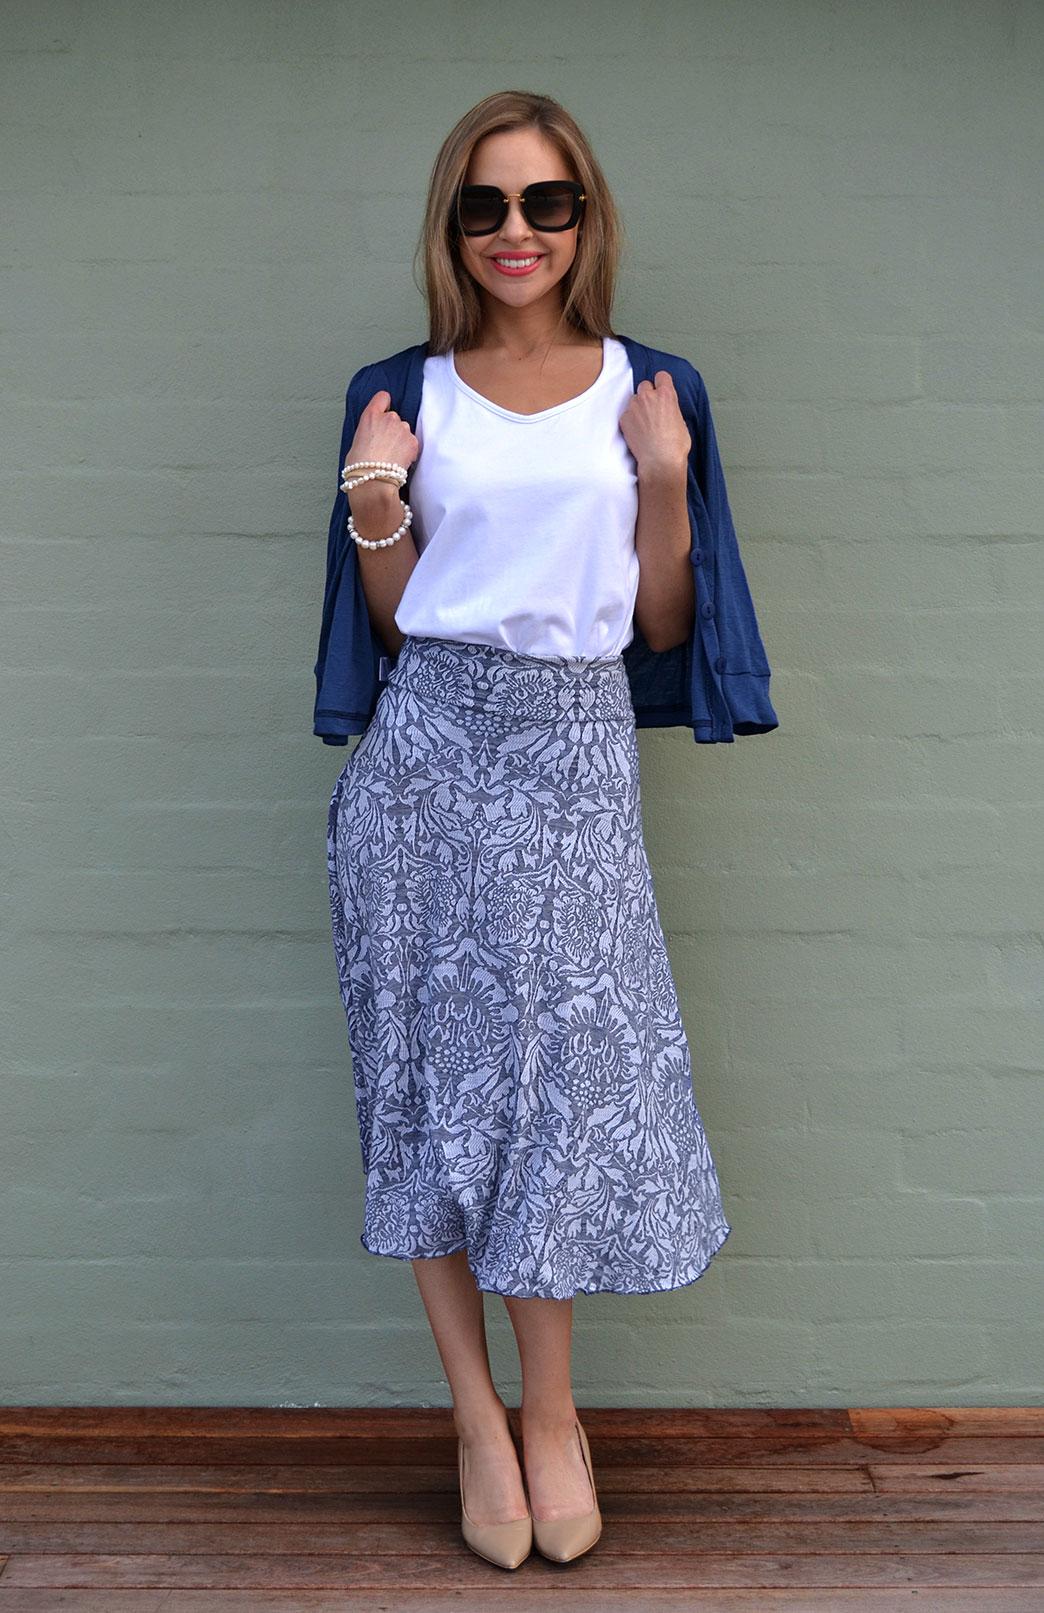 Abbey Floral Twirl Skirt - Women's Blue Floral A-Line Swing Wool Skirt - Smitten Merino Tasmania Australia